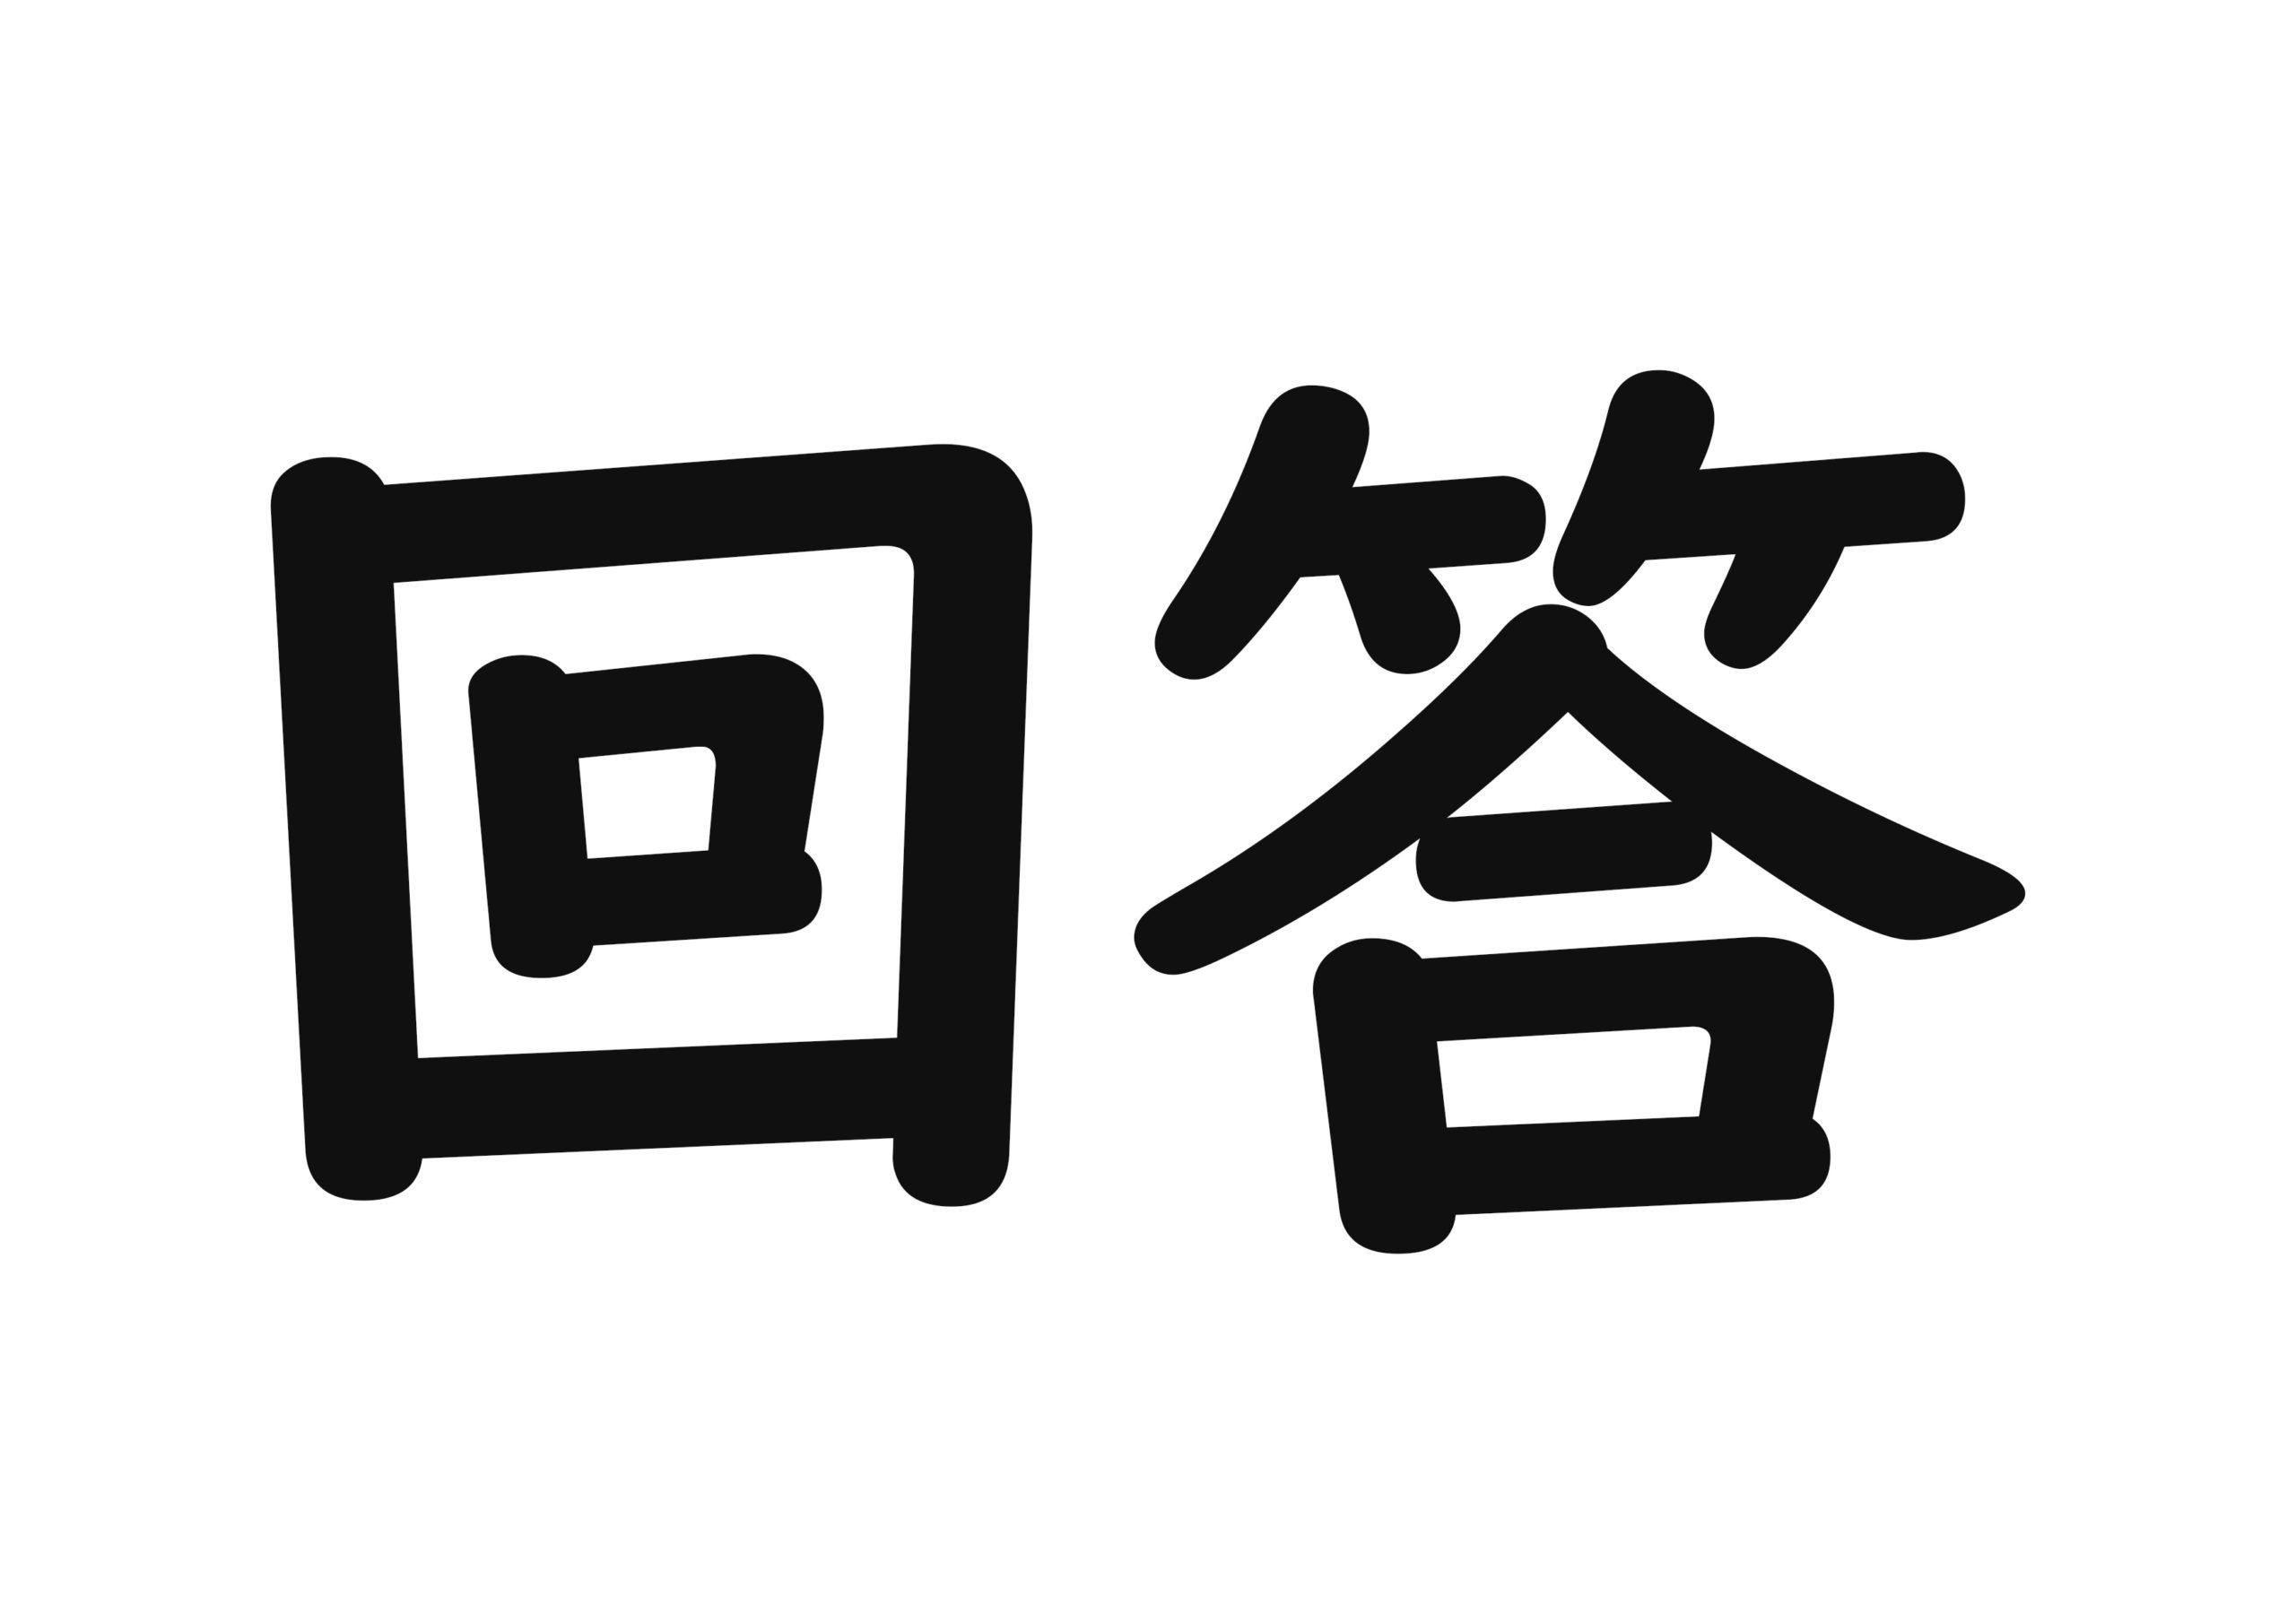 45課【回答】